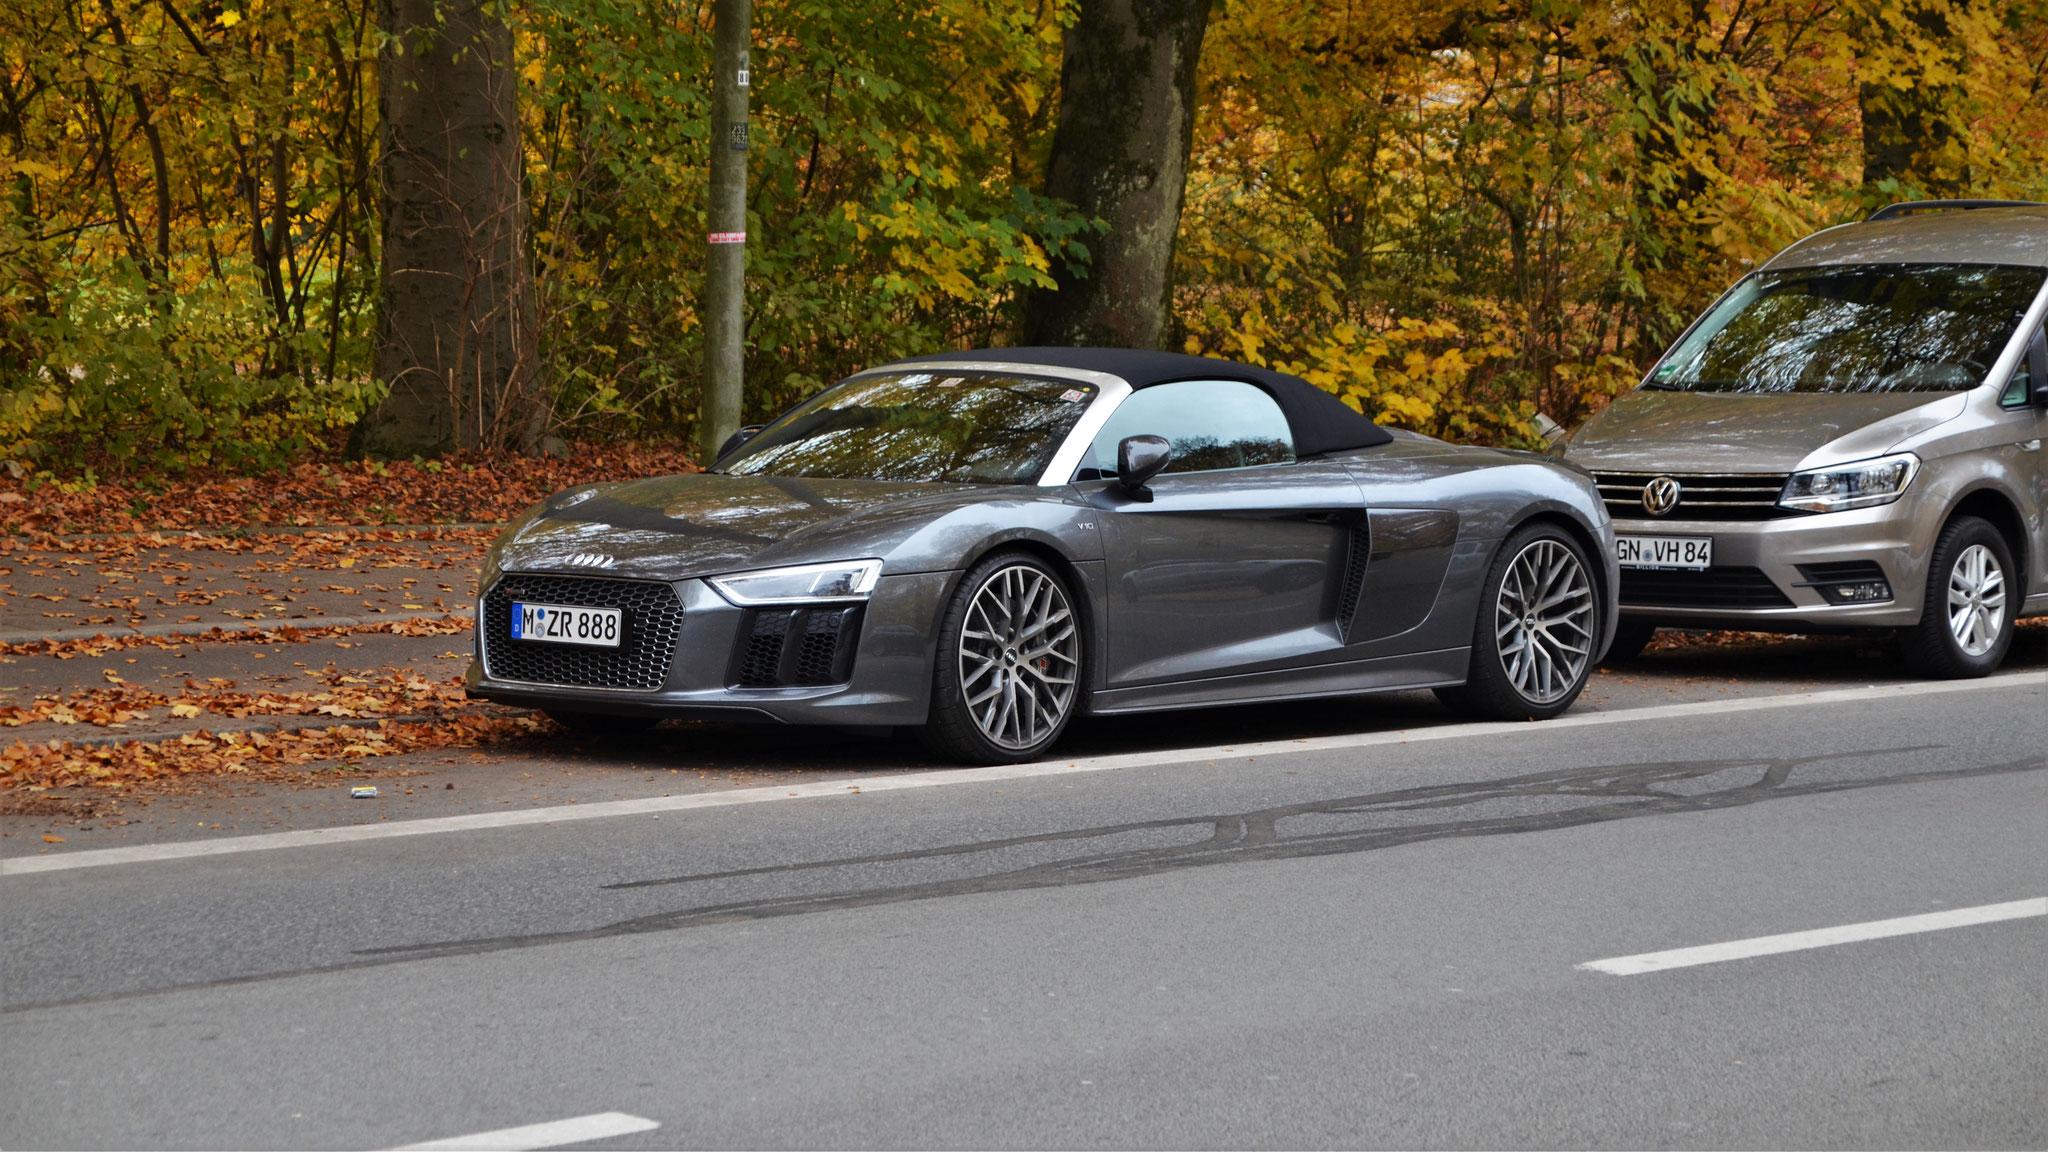 Audi R8 V10 Spyder - M-ZR-888